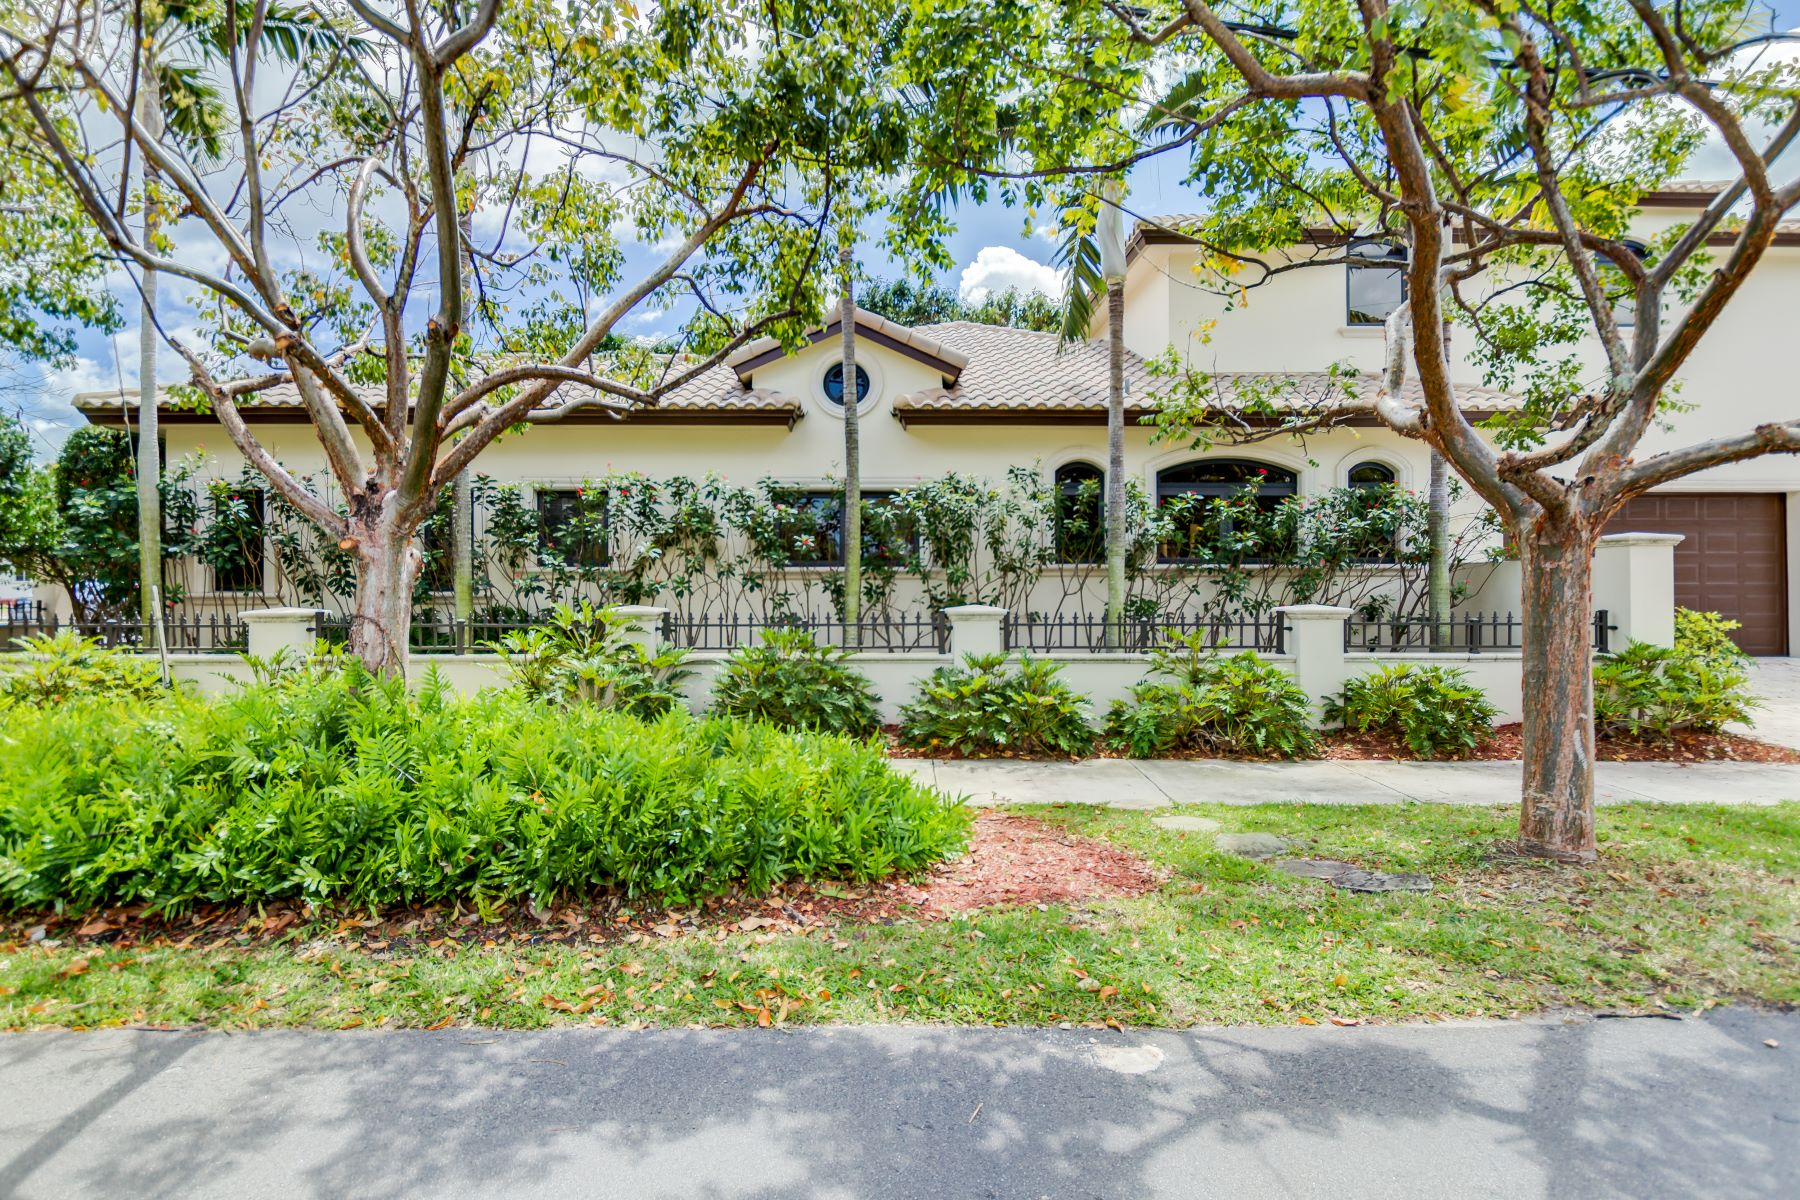 Частный односемейный дом для того Продажа на 745 N Victoria Park Rd Fort Lauderdale, Флорида, 33304 Соединенные Штаты